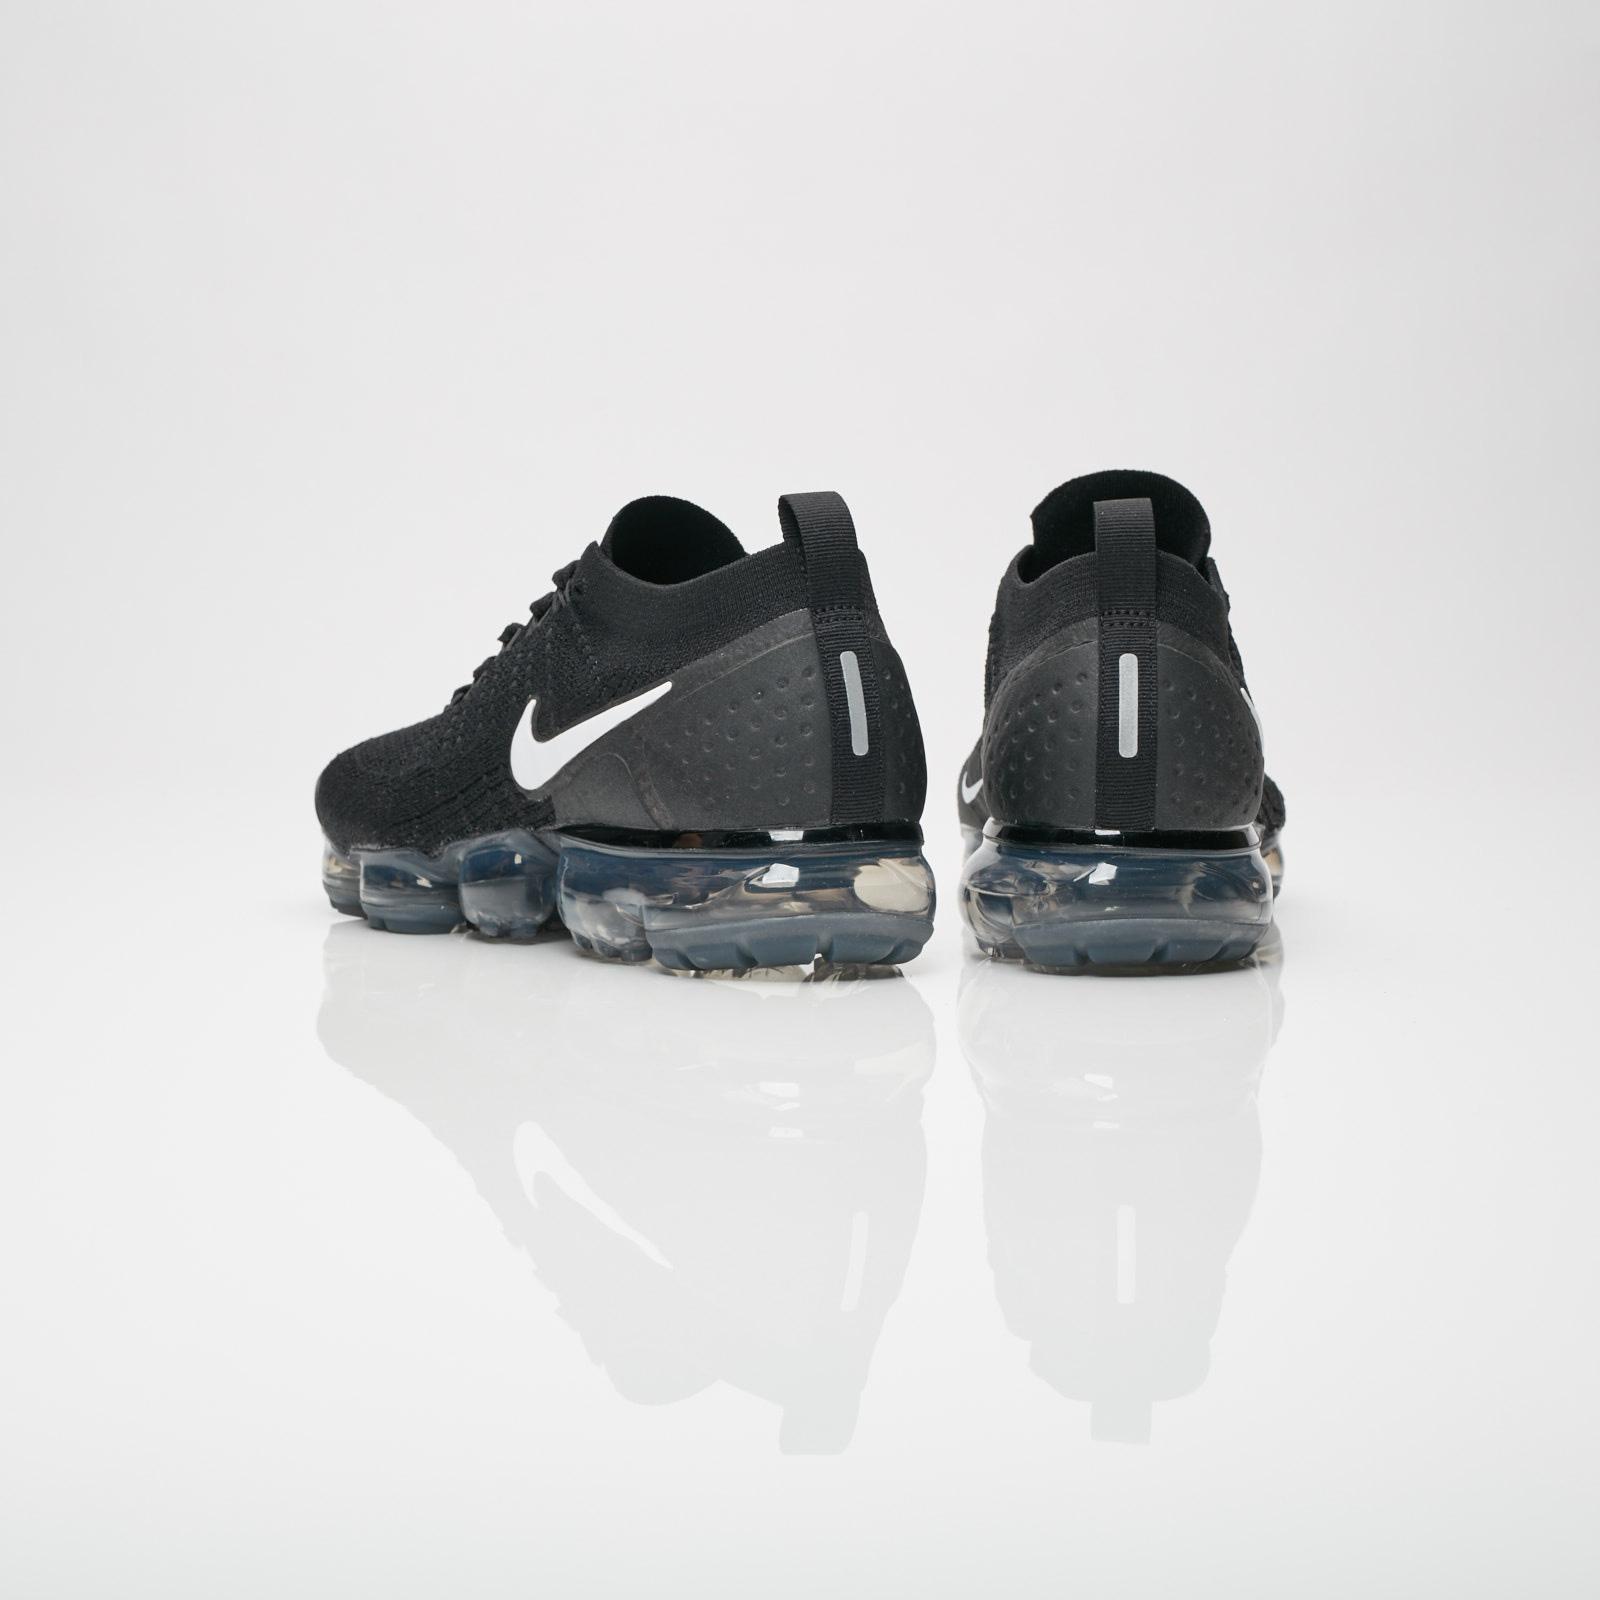 dbc8fb8d93051 Nike Air Vapormax Flyknit 2 - 942842-001 - Sneakersnstuff